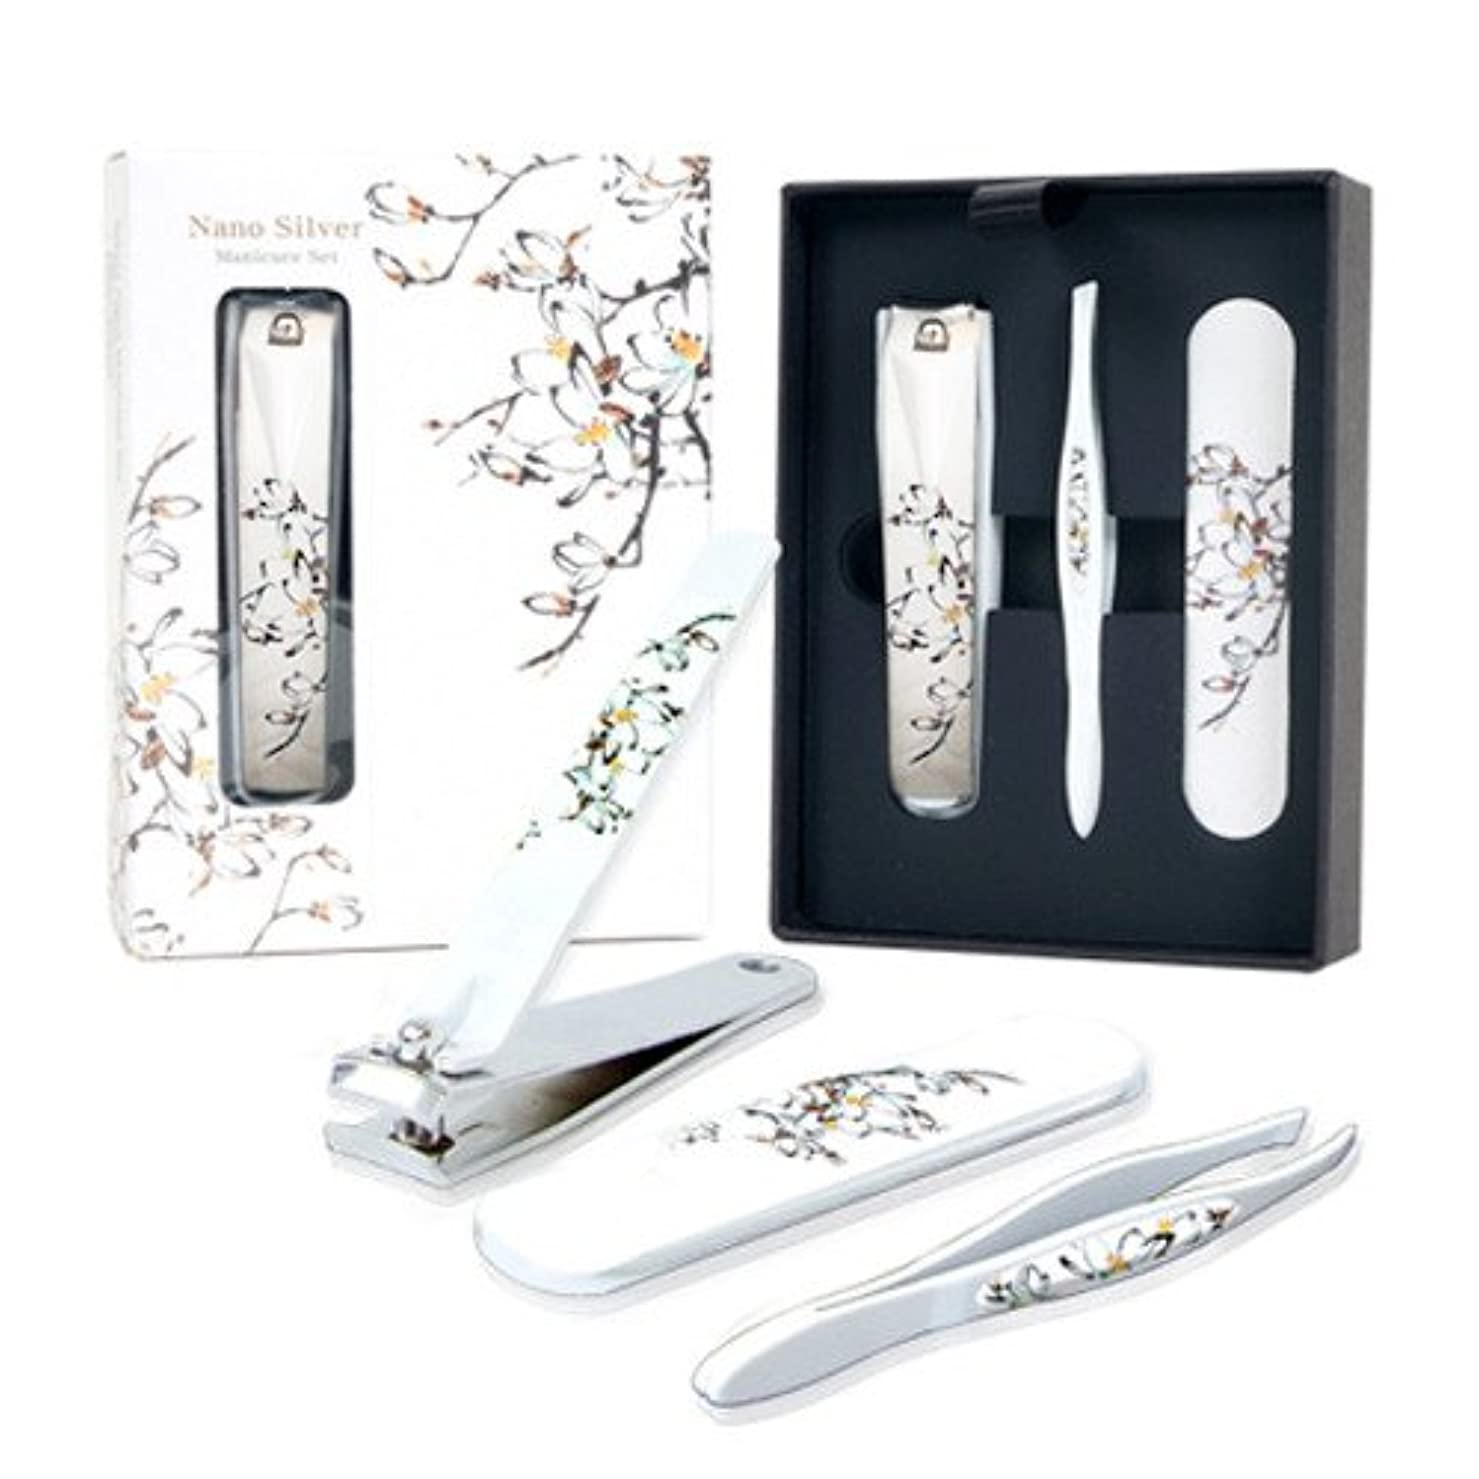 シュート団結十分ではないNano BELL Manicure Sets BN-301~304 爪の管理セット ナノシルバー爪切りセット 高品質のネイルケアセット高級感のある花モチーフ東洋画のデザイン (Magnolia(マグノリア))